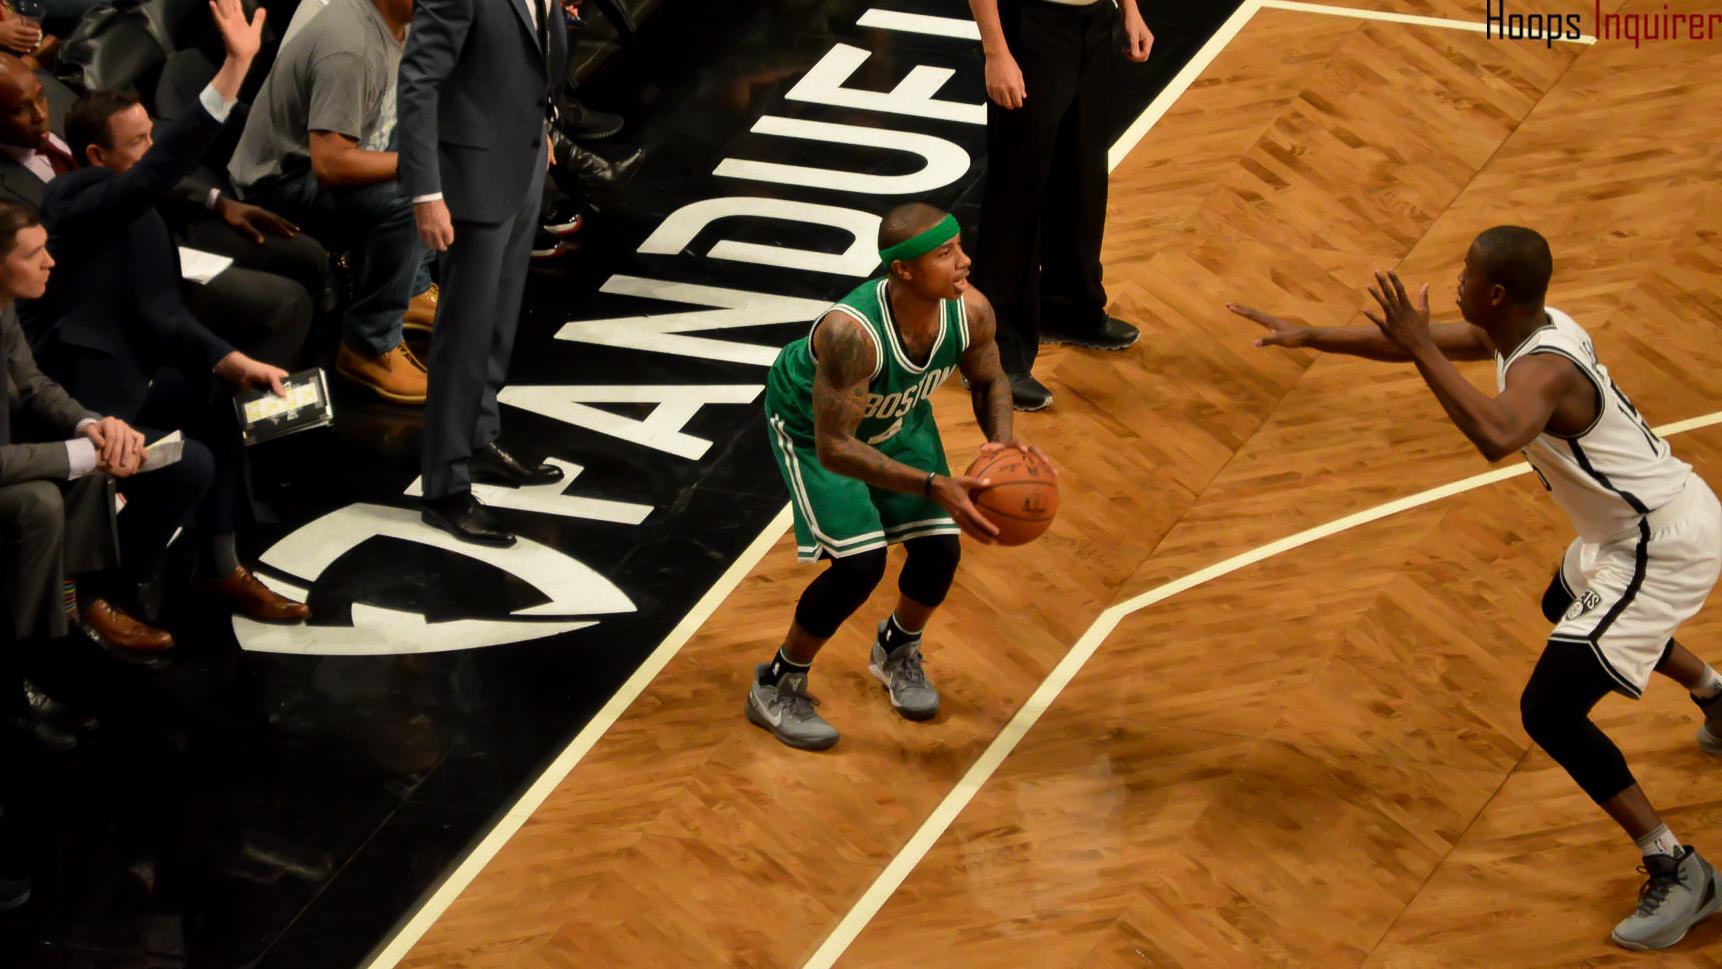 Isaiah-Thomas-Hoops-Inquirer-Summer-Abdelhamid-Boston-Celtics